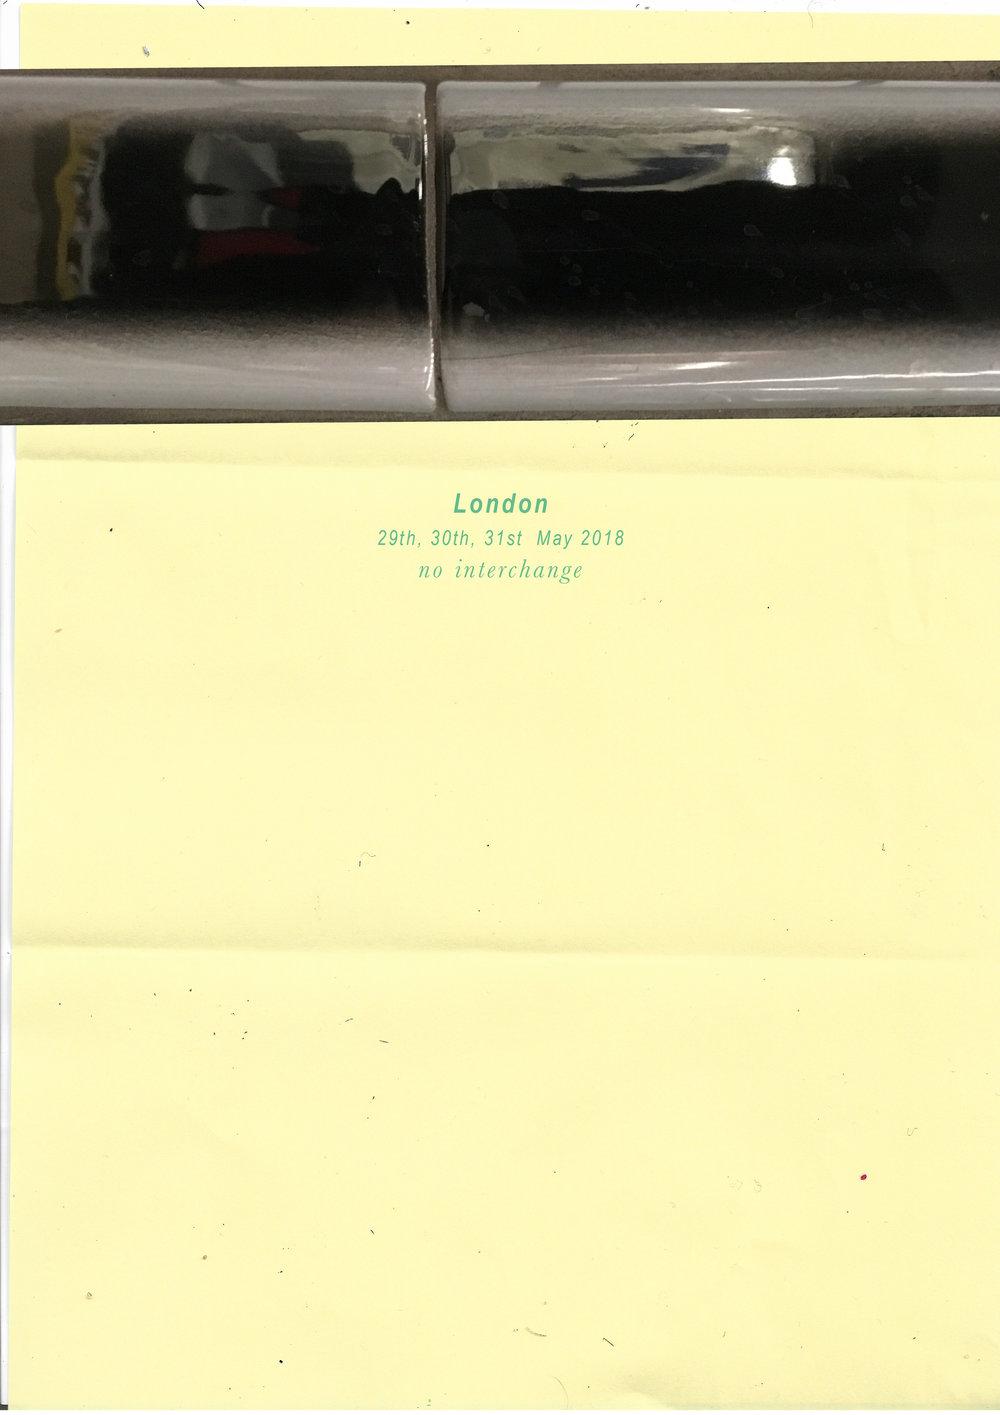 London Letter 2 JN.jpg